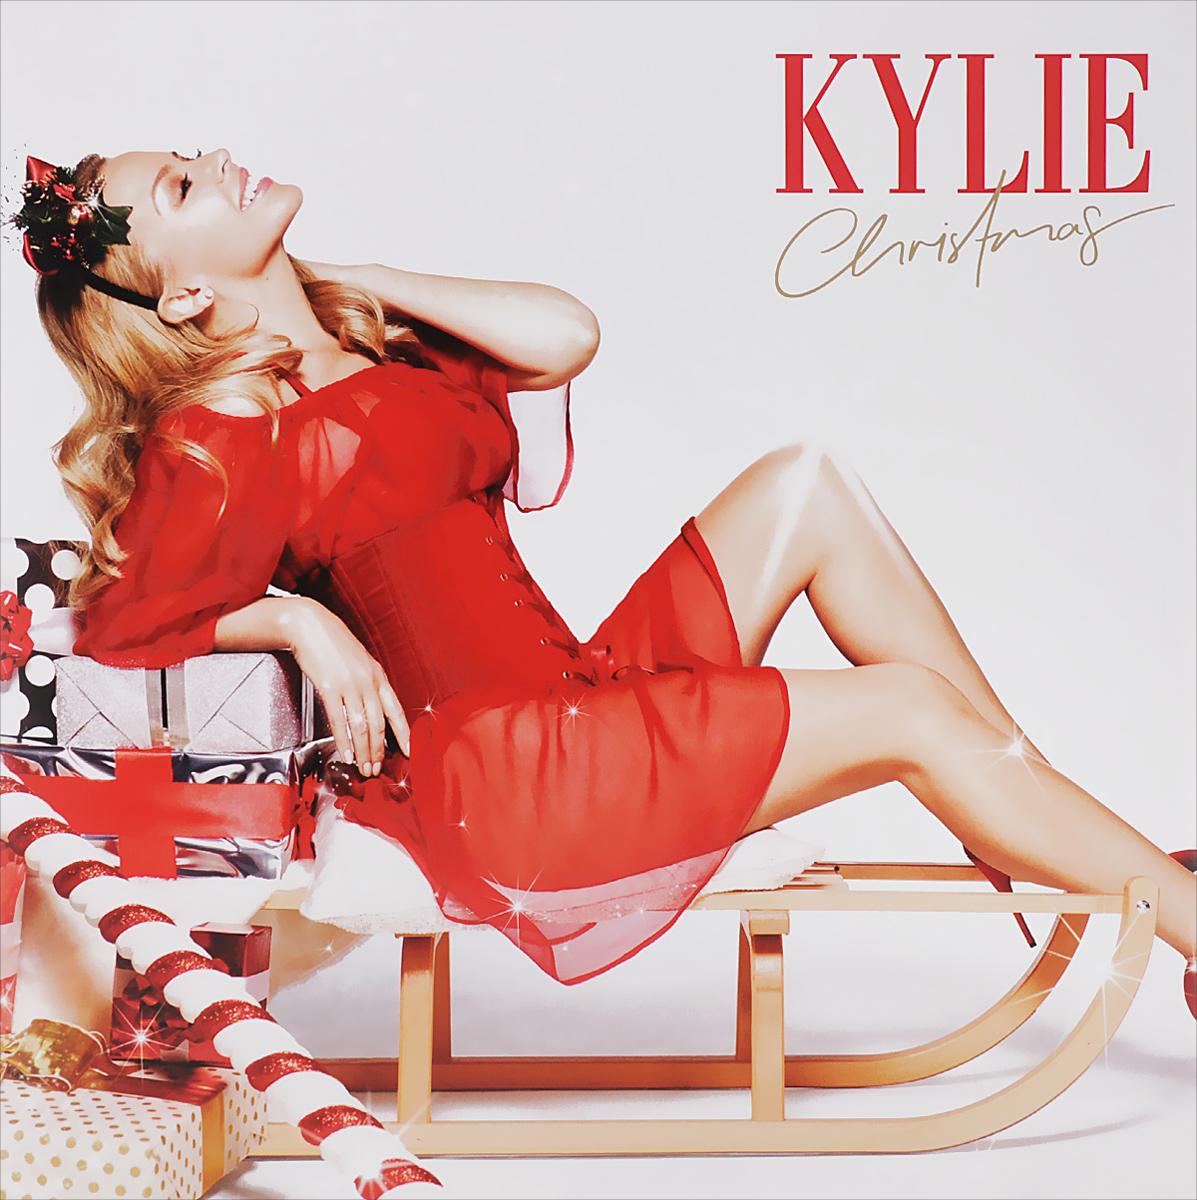 Kylie Kylie. Christmas (LP)